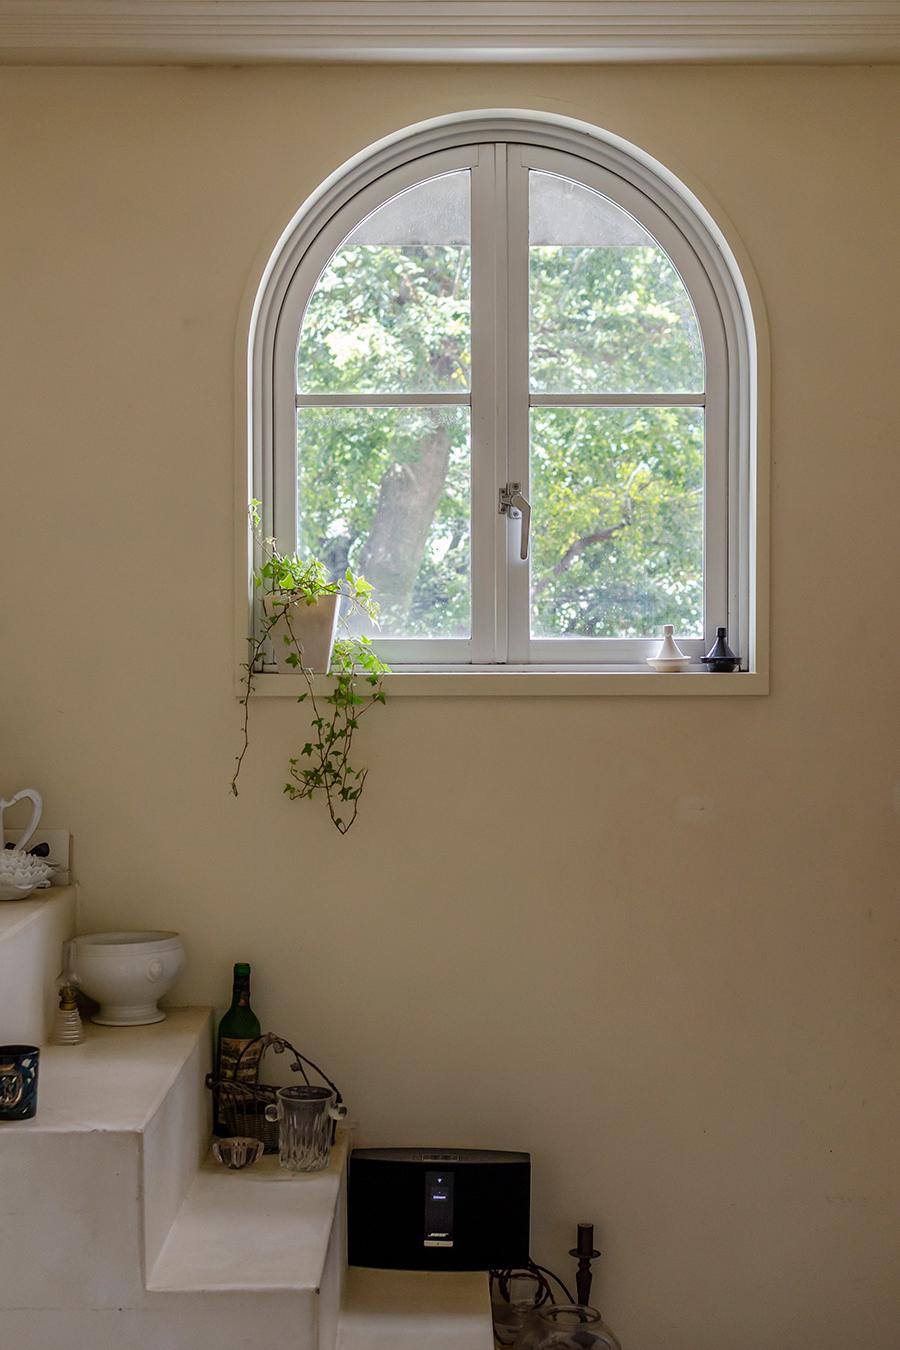 アーチ型の窓がアプローチの緑を切り取る。階段はディスプレイスペースに。